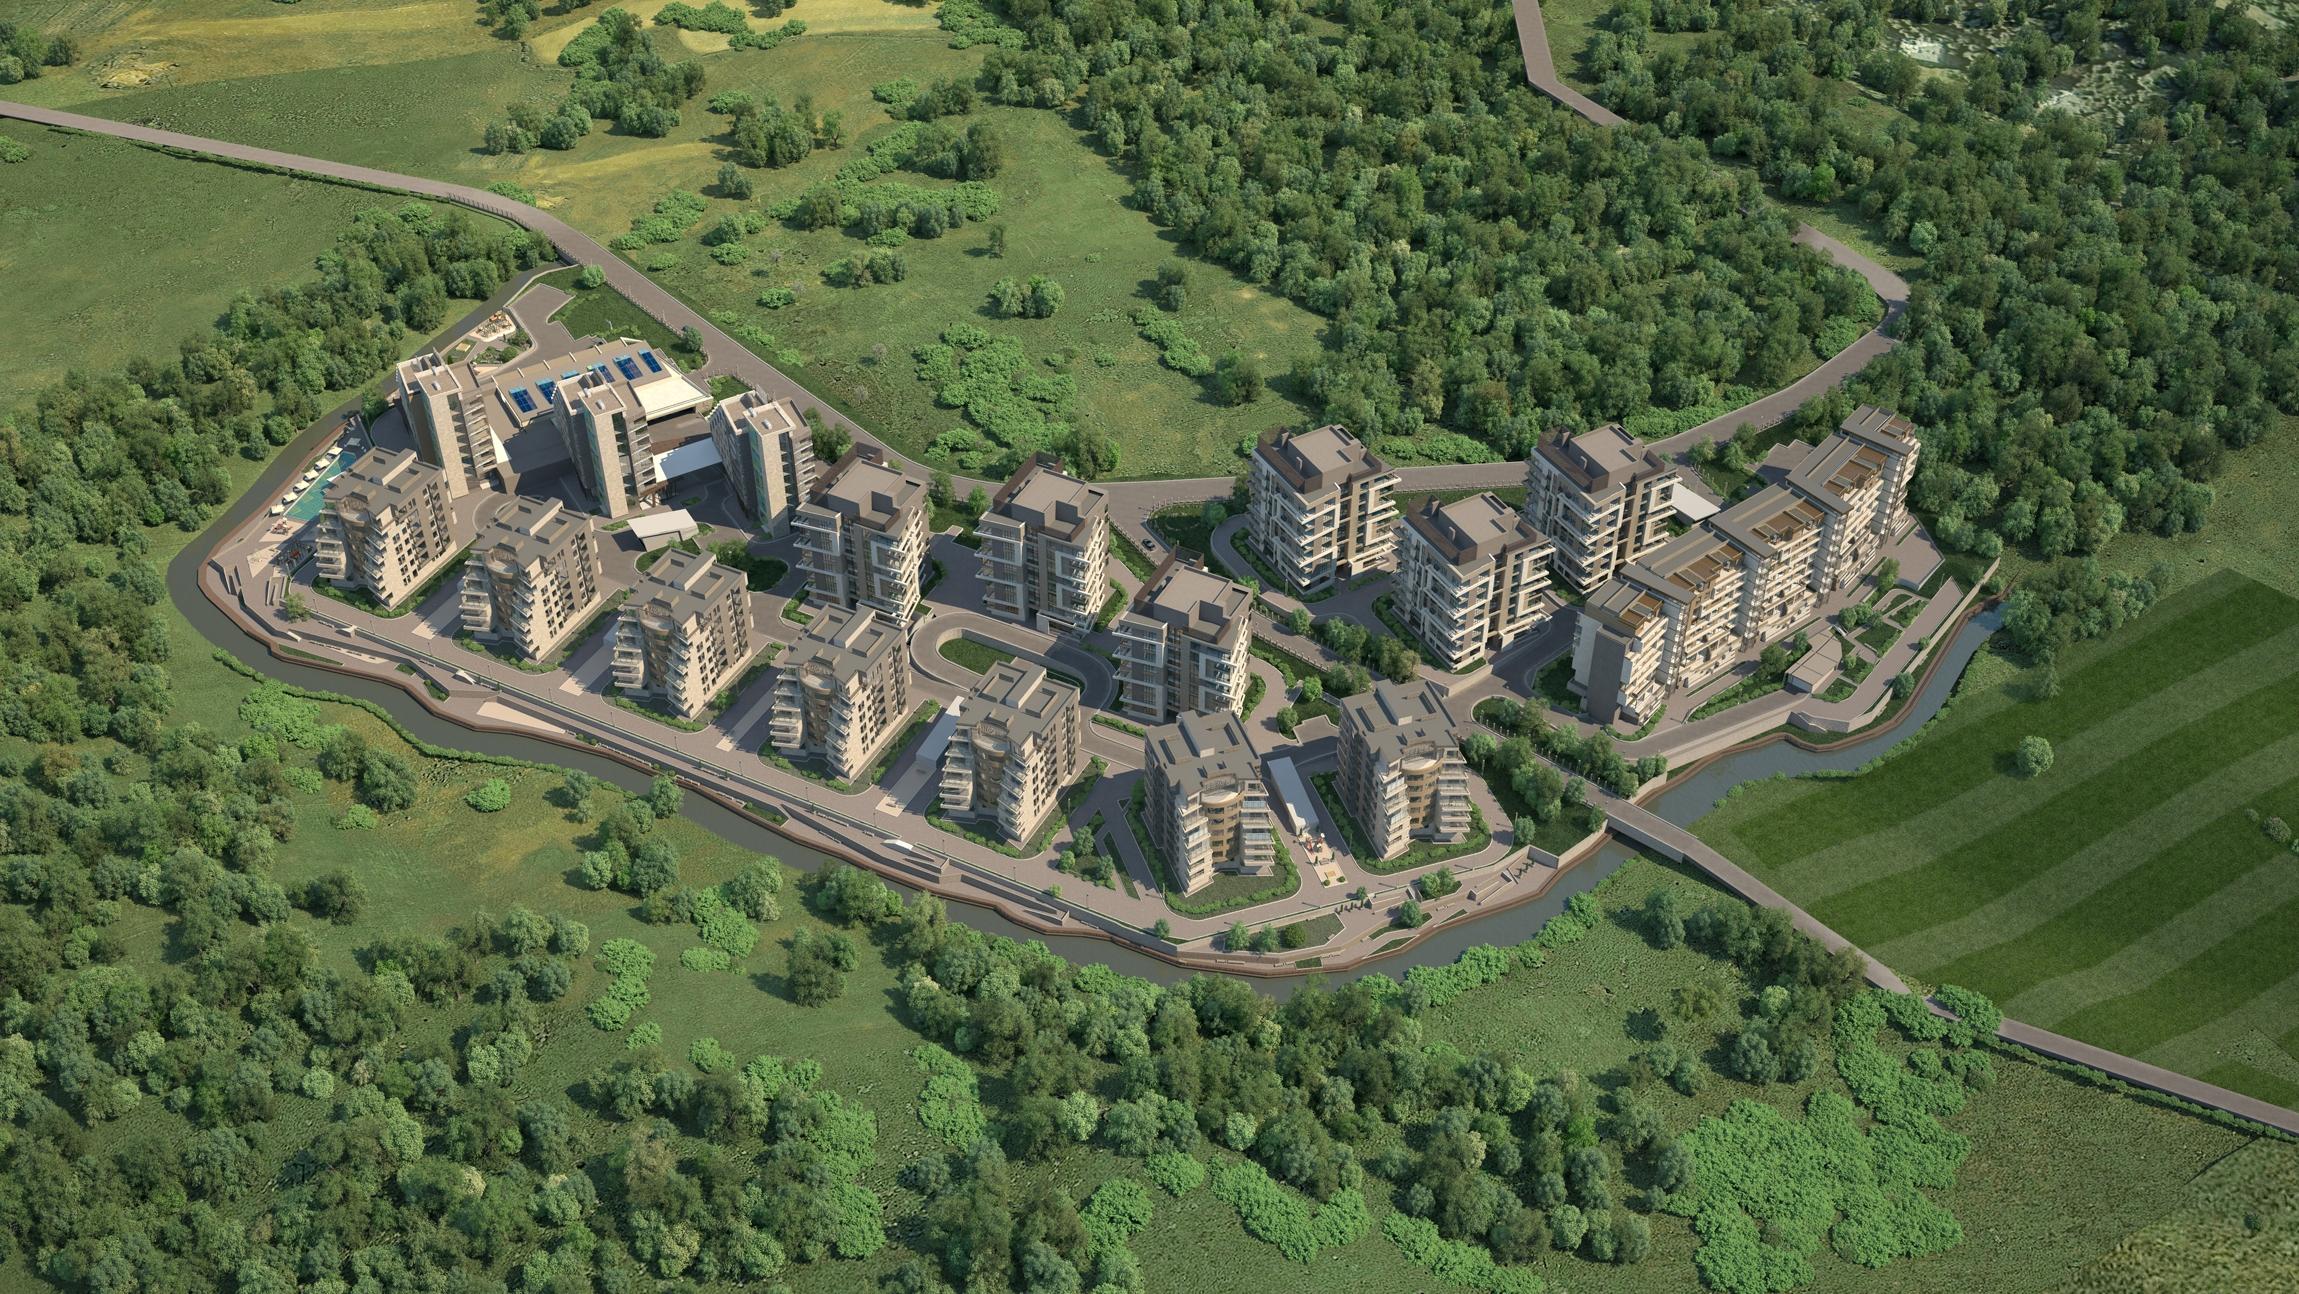 сегодняшний жилой комплекс с видом сверху картинки управления машиной работает